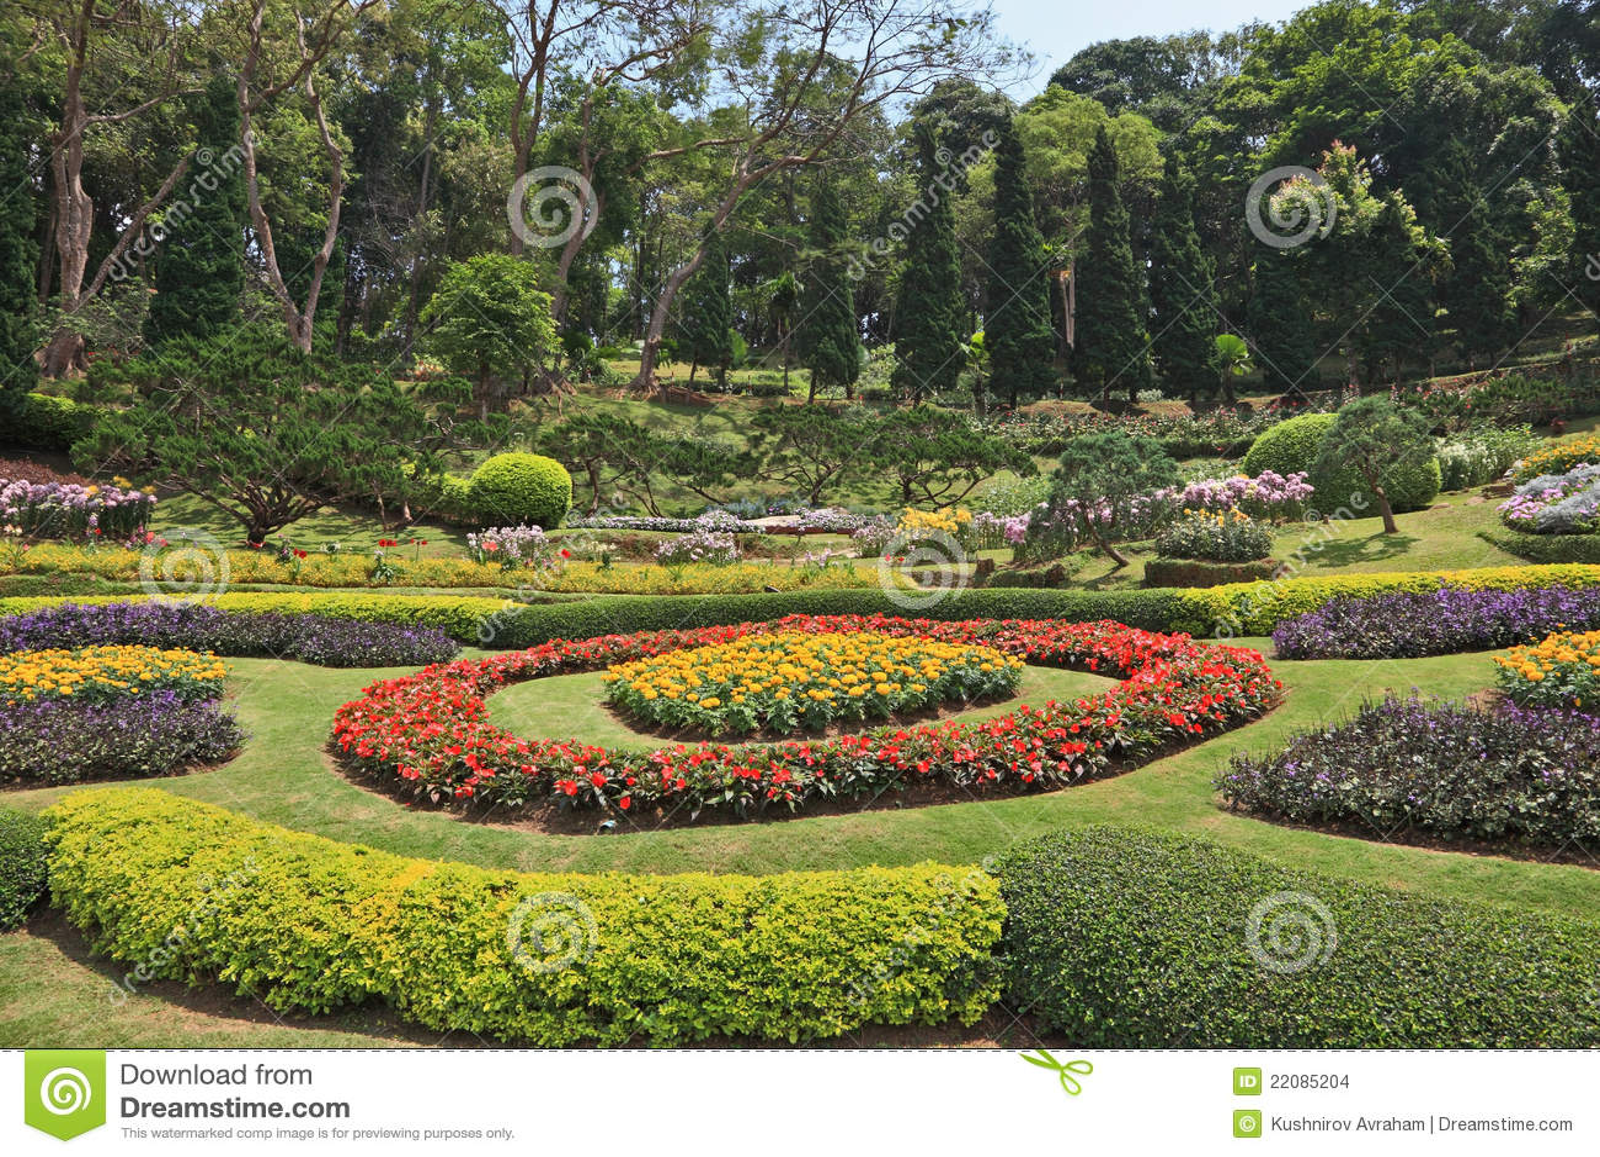 Ac cias e camas de flor artly decoradas imagens de stock imagem 22085204 - Camas decoradas ...